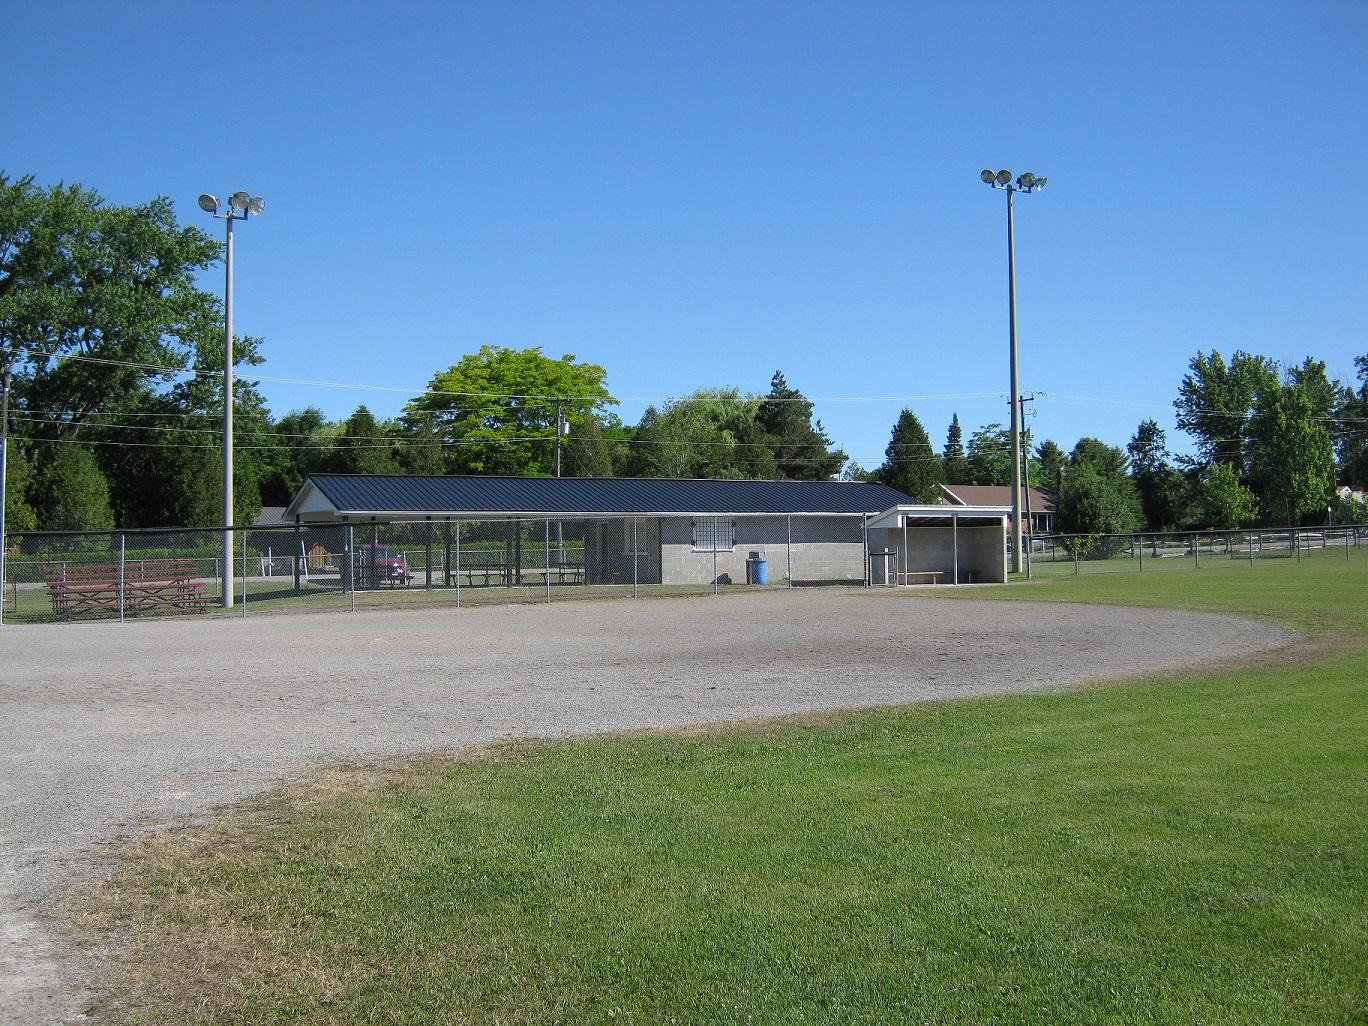 domville ball diamond facilities